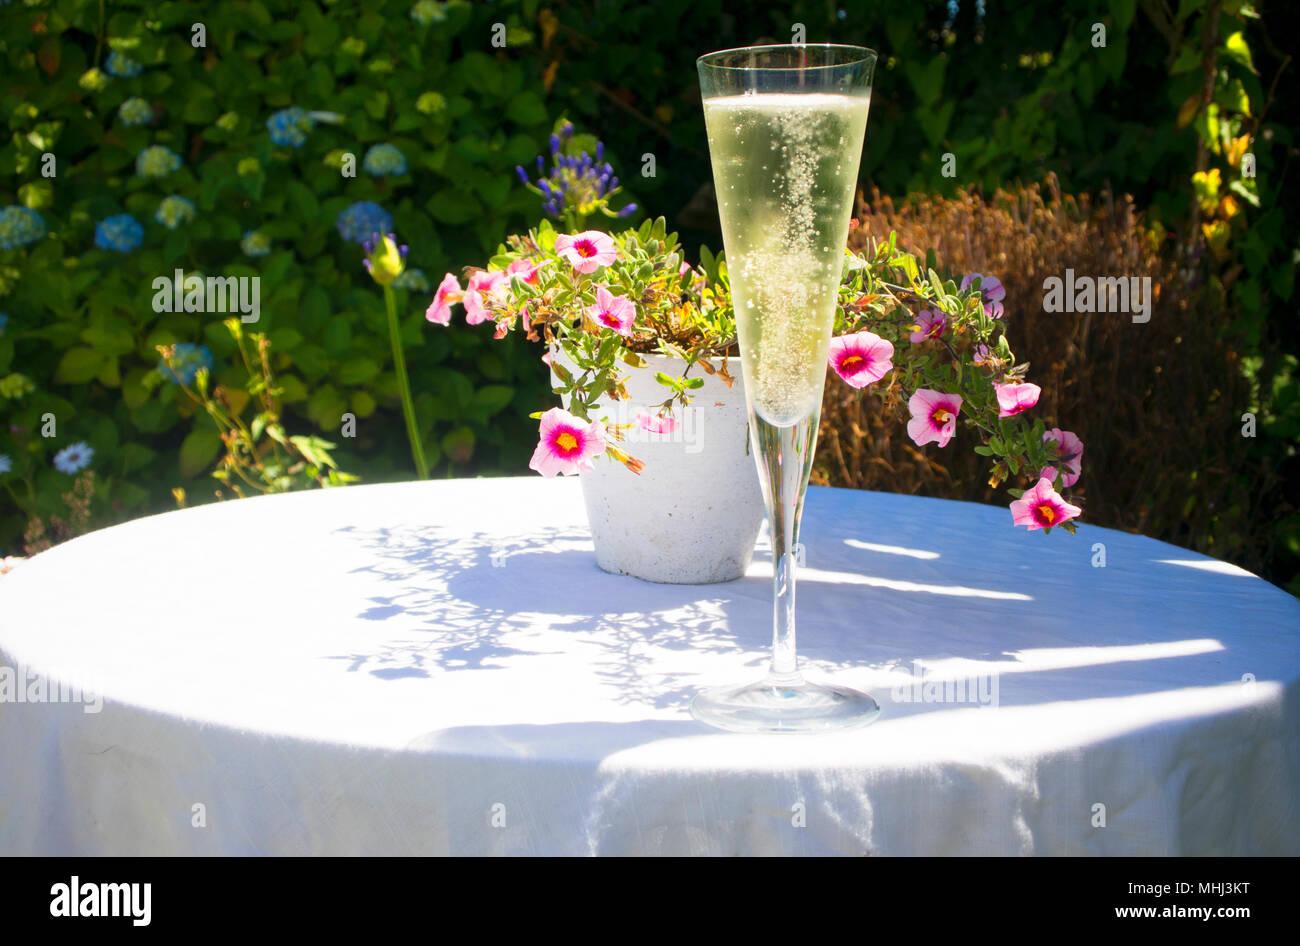 Bei einem Glas Sekt im Sommergarten - Johannes Gollop Stockbild